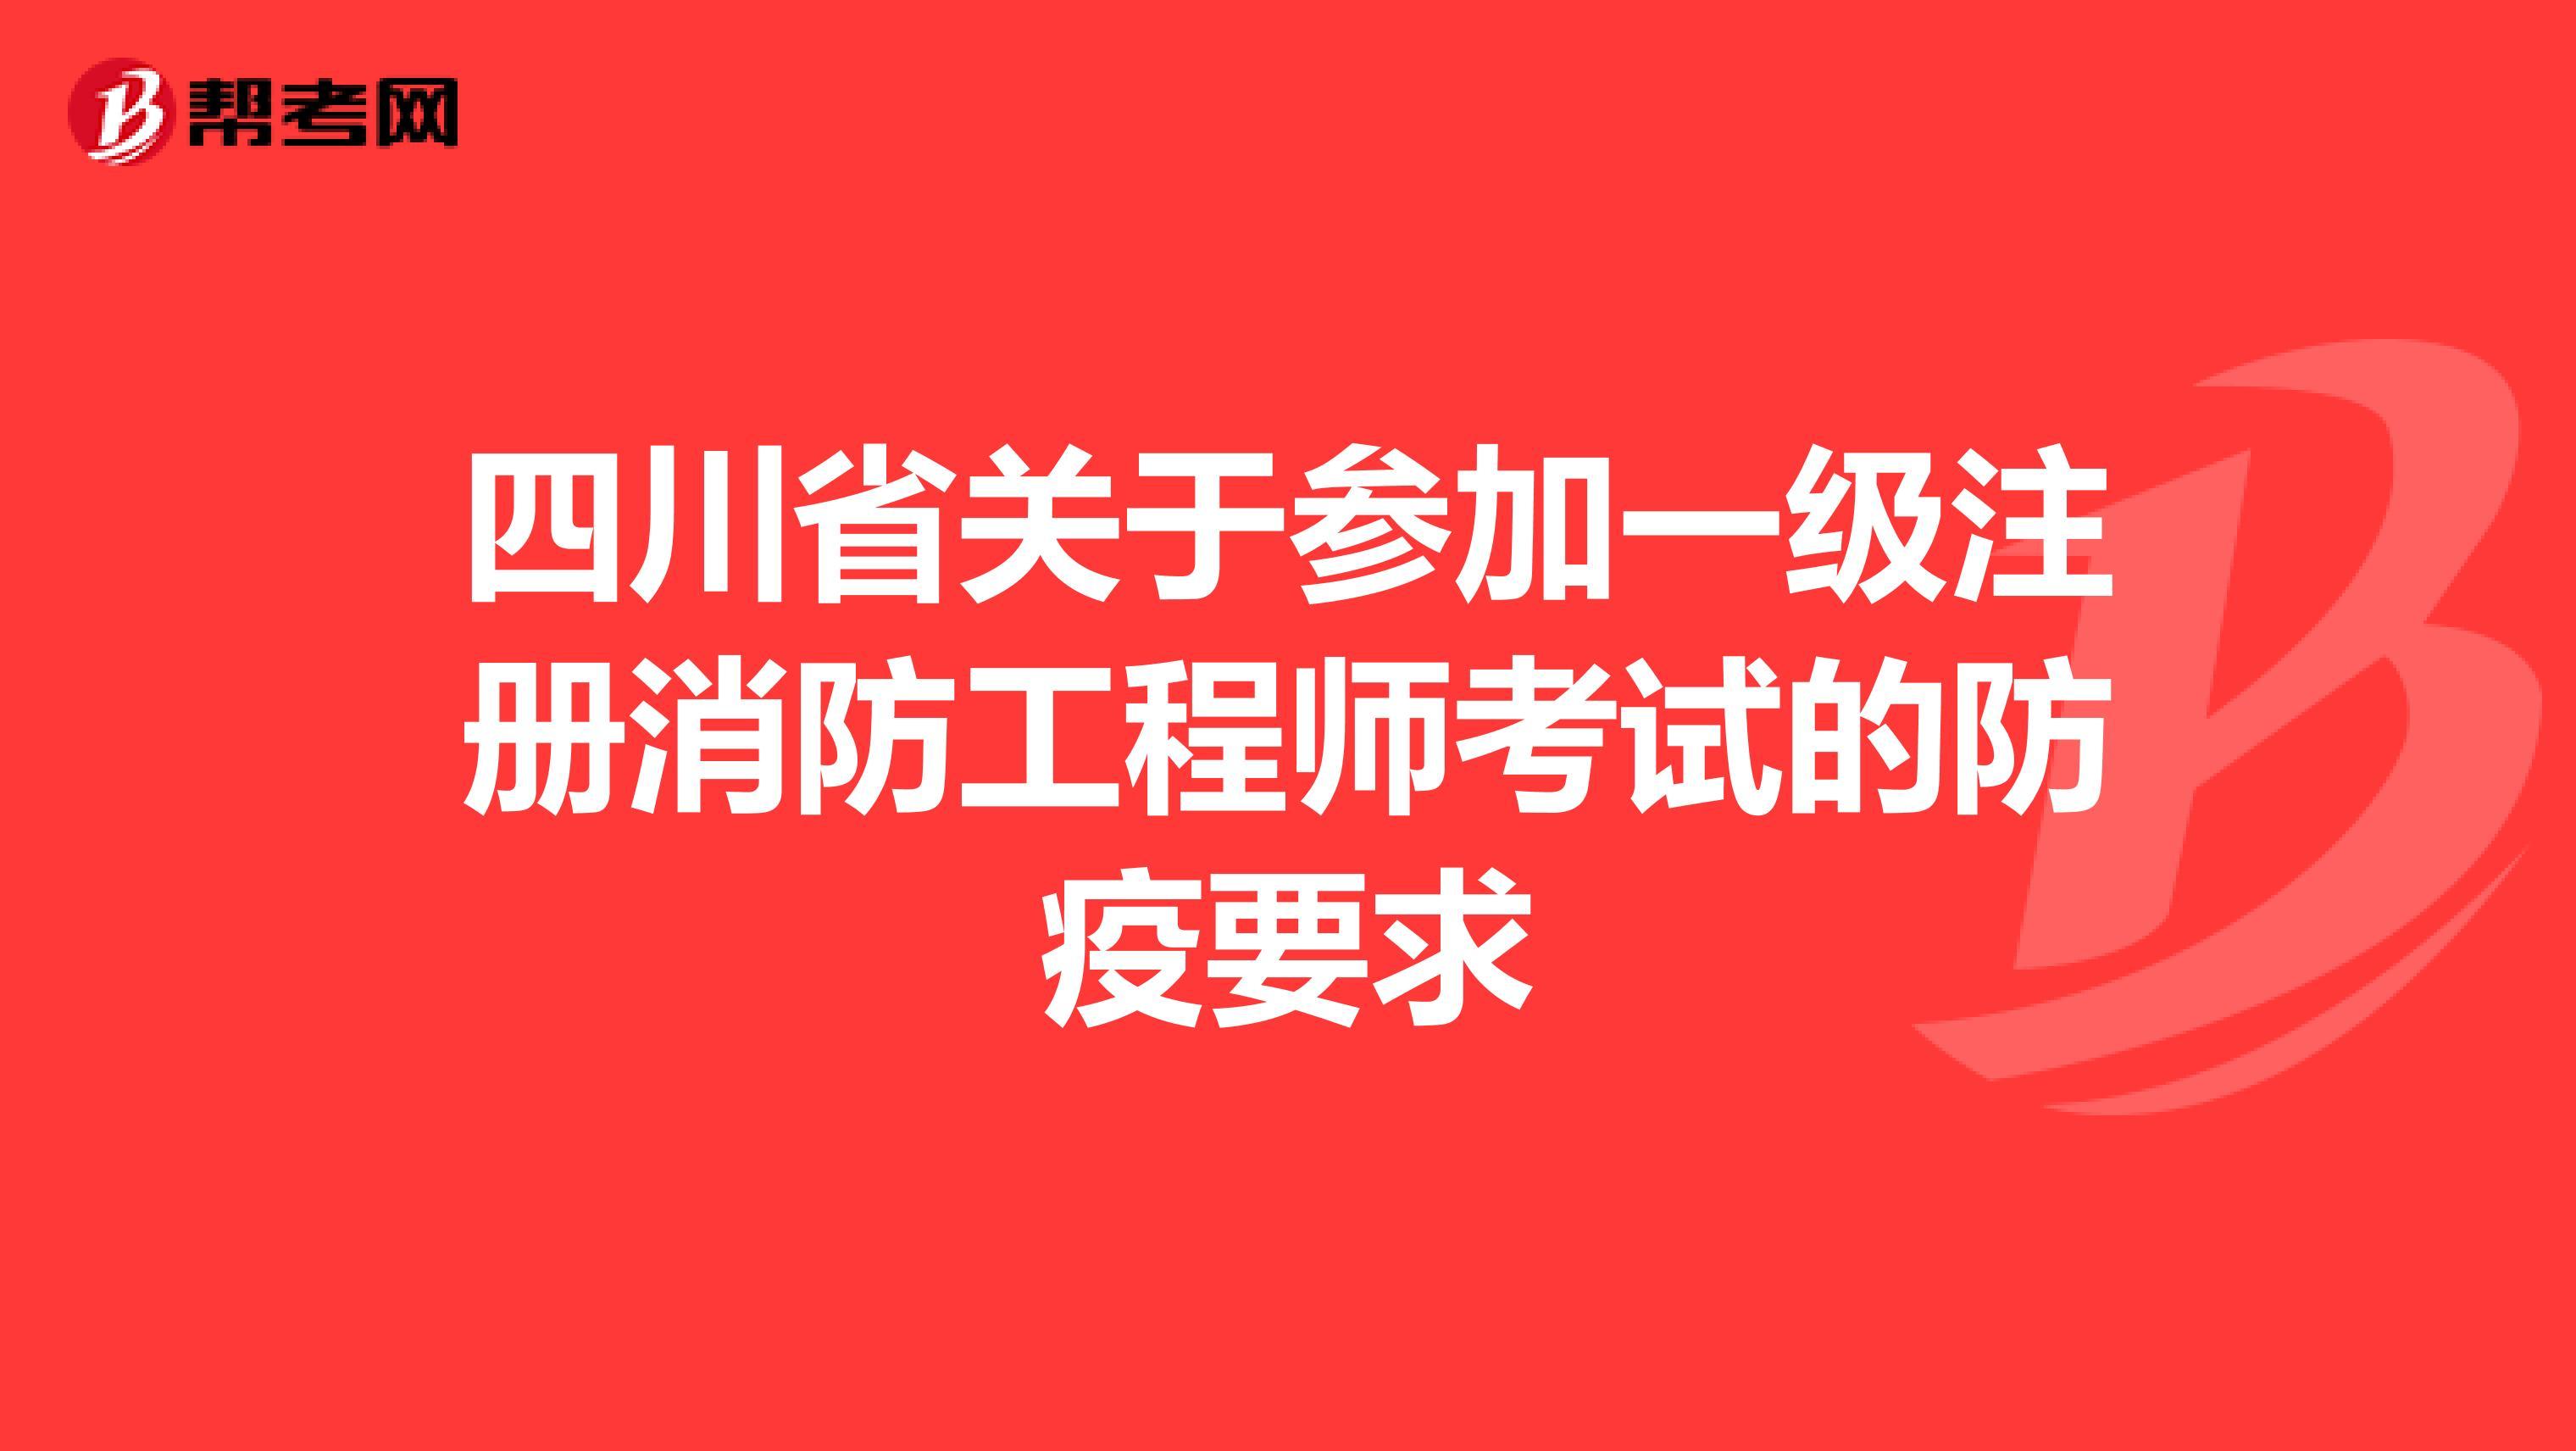 四川省关于参加一级注册消防工程师考试的防疫要求